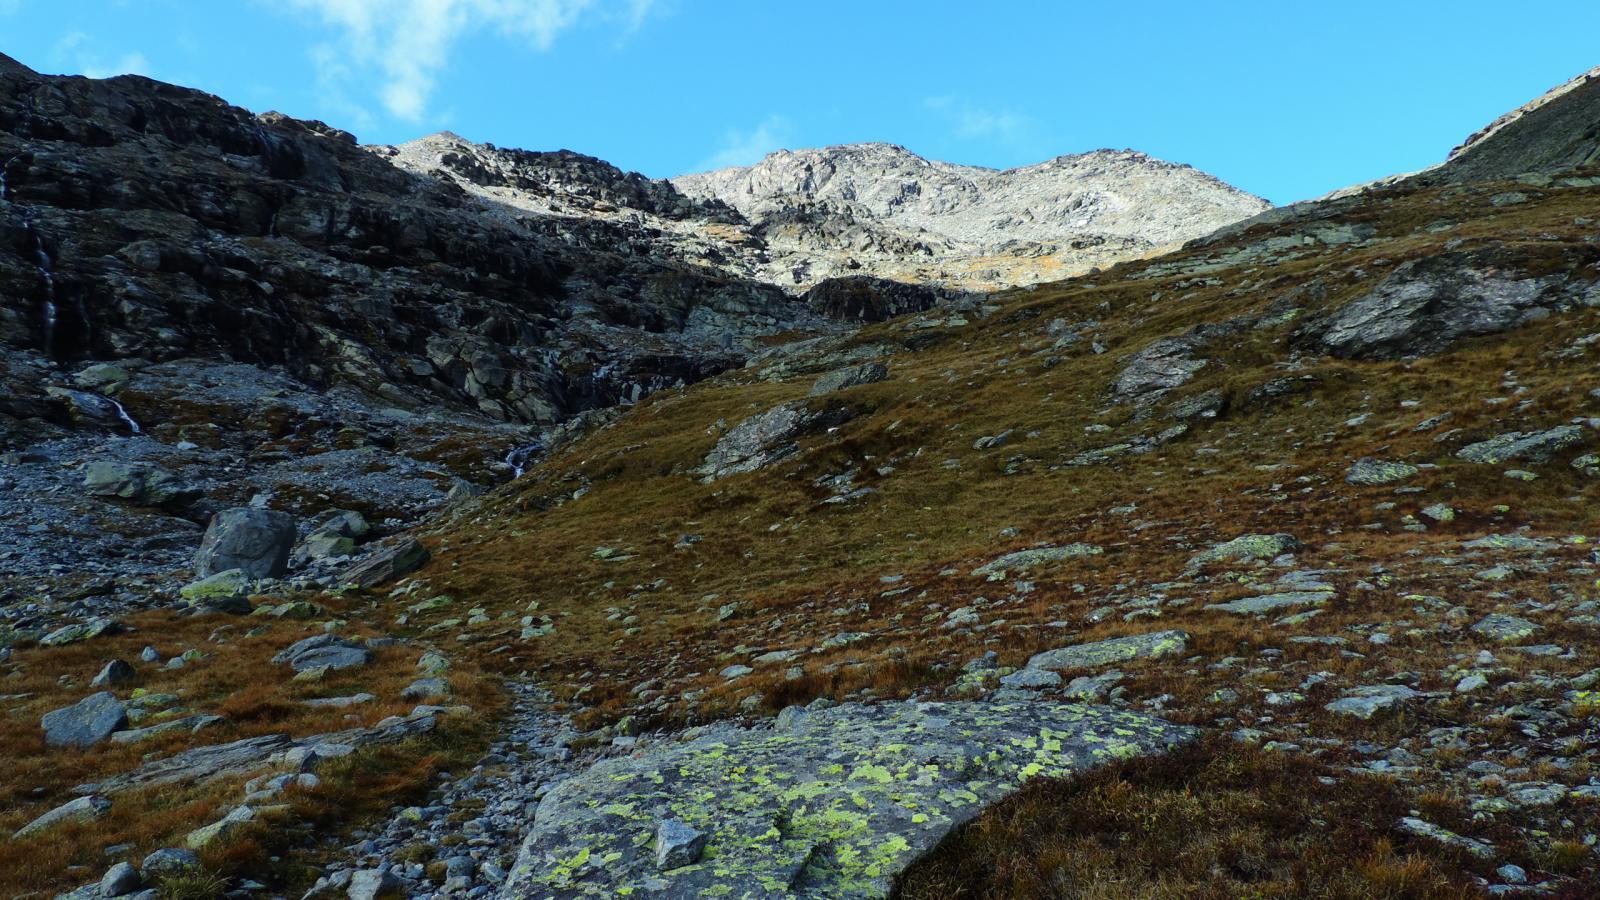 il vallone superiore e la Cima di Bard da quota 2500 m